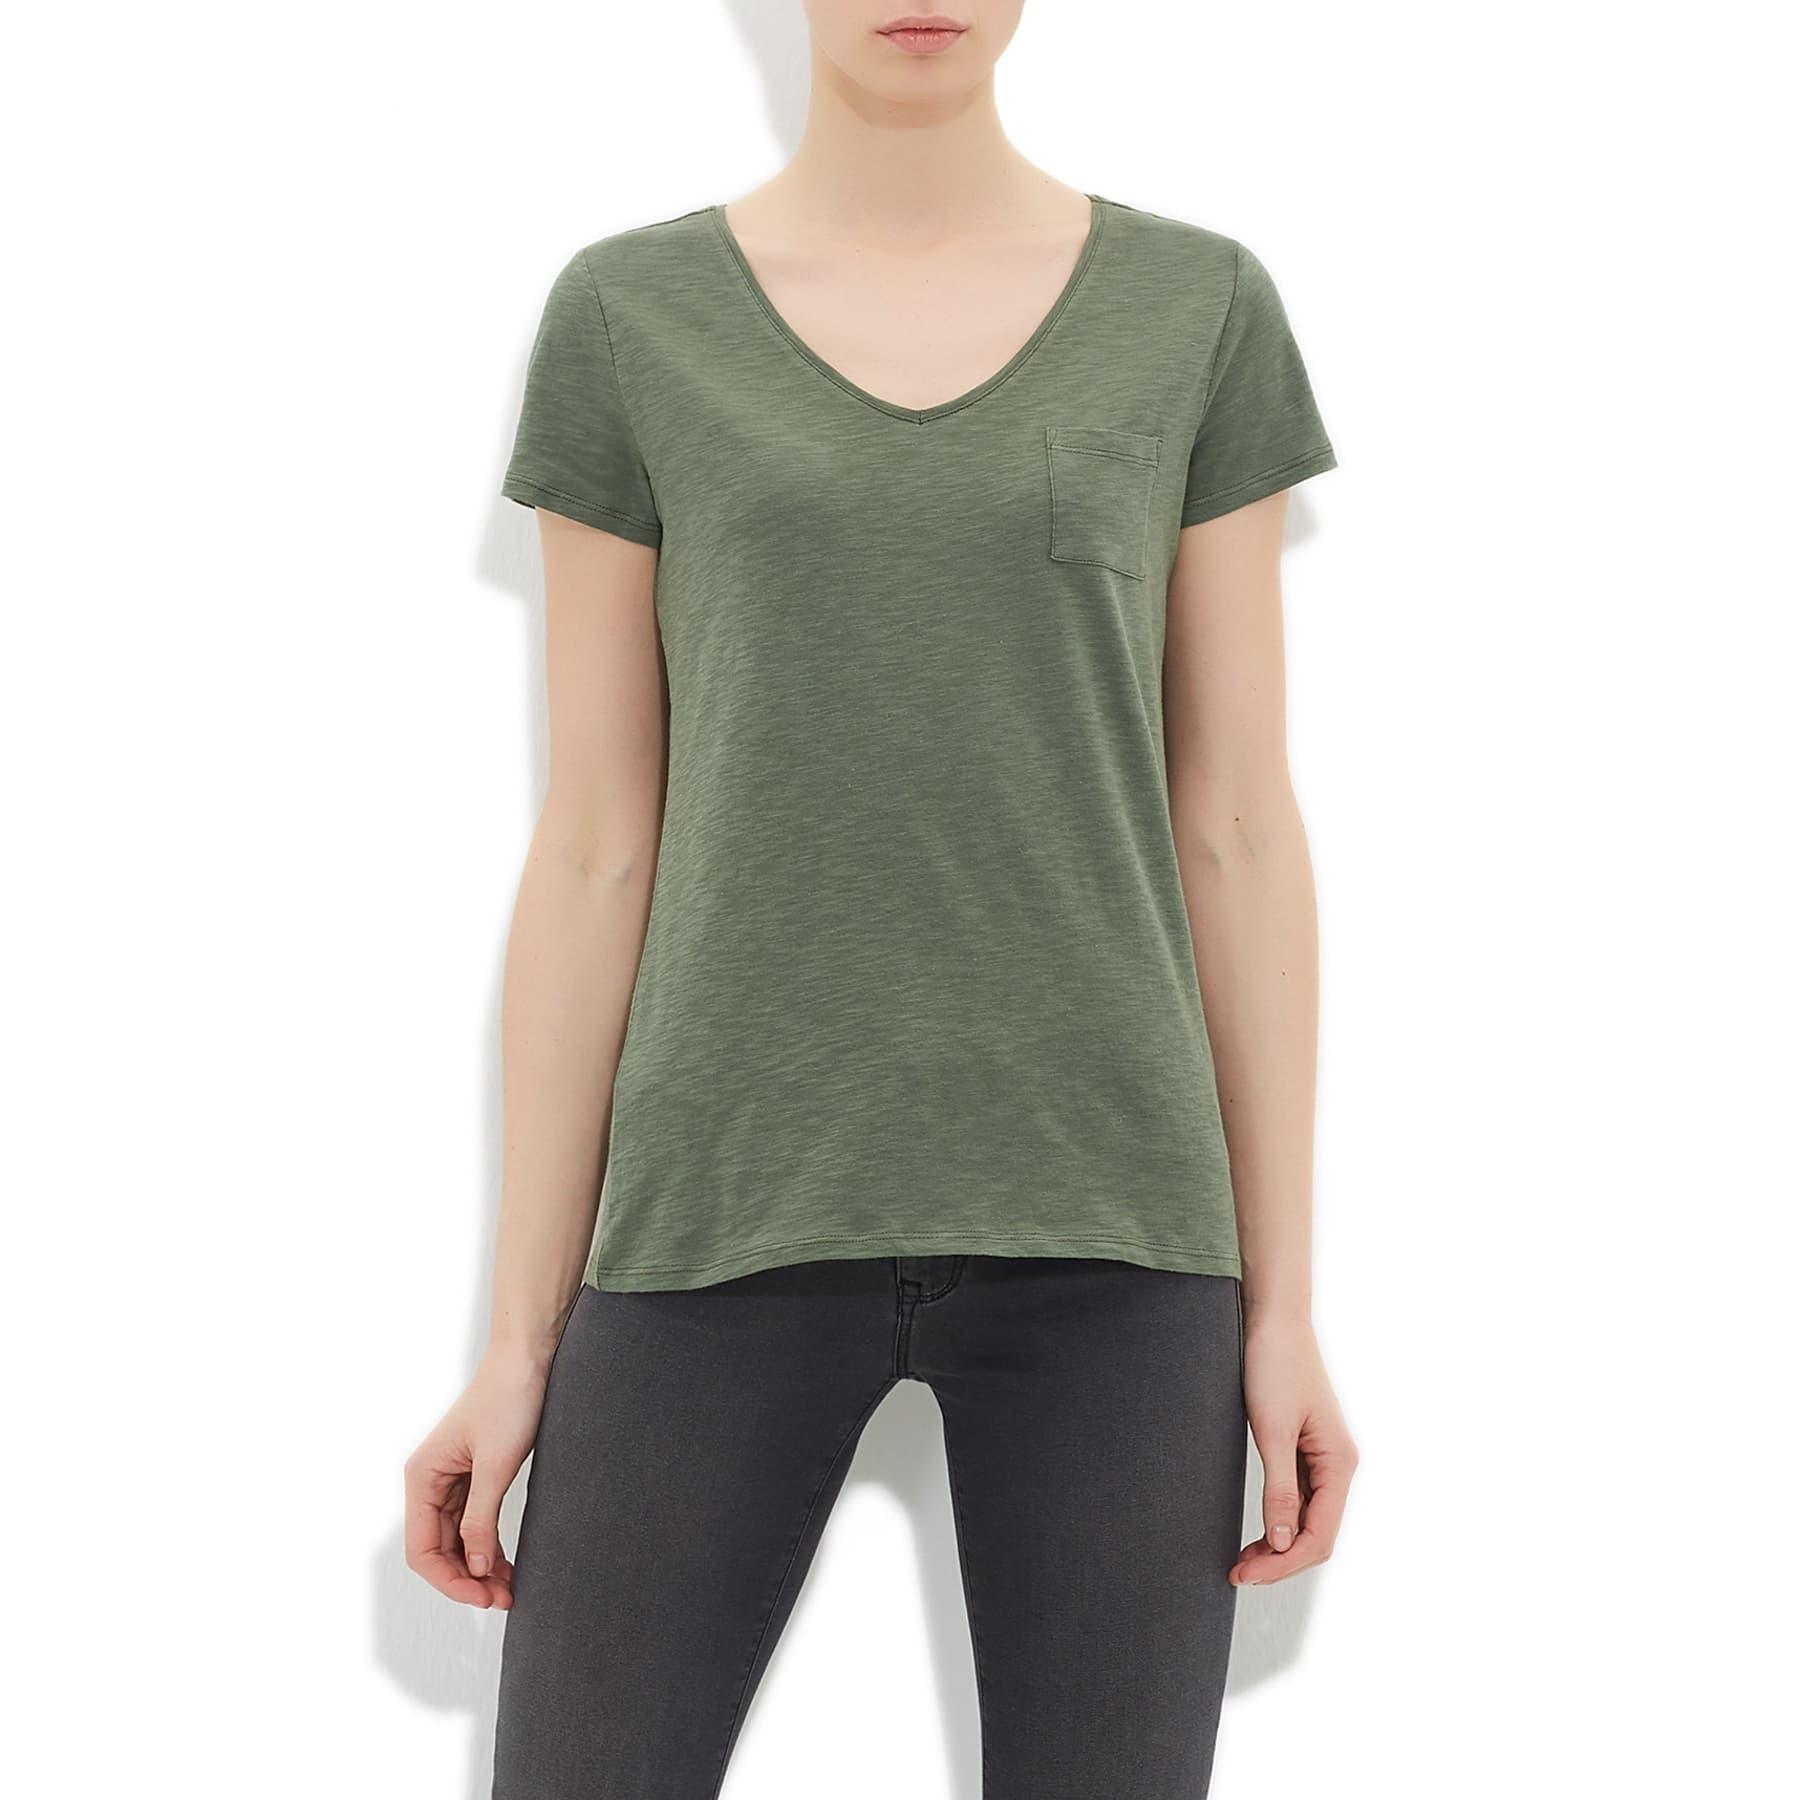 Mavi V Yaka Kadın Yosun Yeşili Basic Tişört